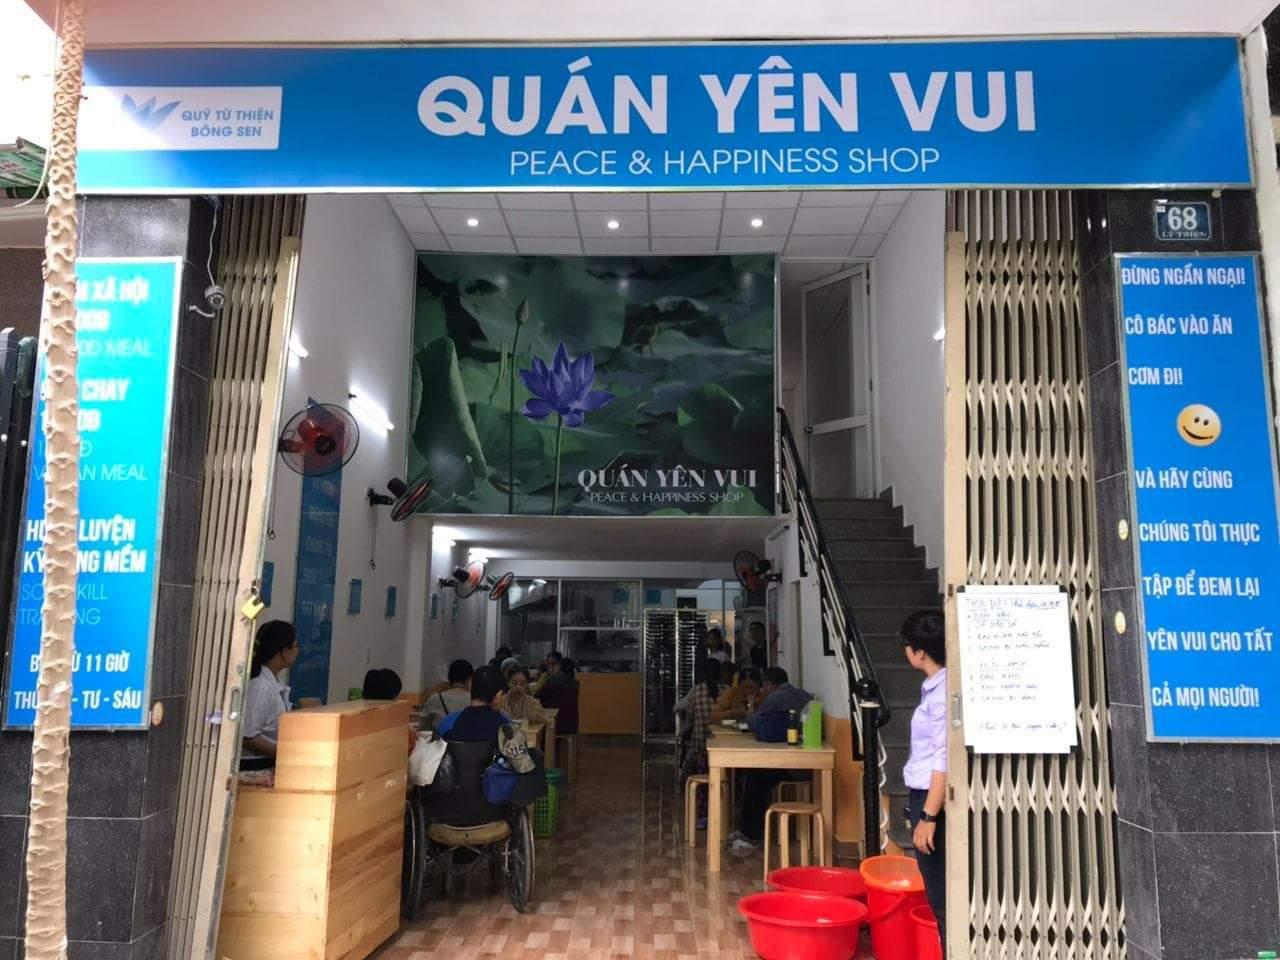 Điều đặc biệt trong quán cơm 2 nghìn đồng của người Đà Nẵng